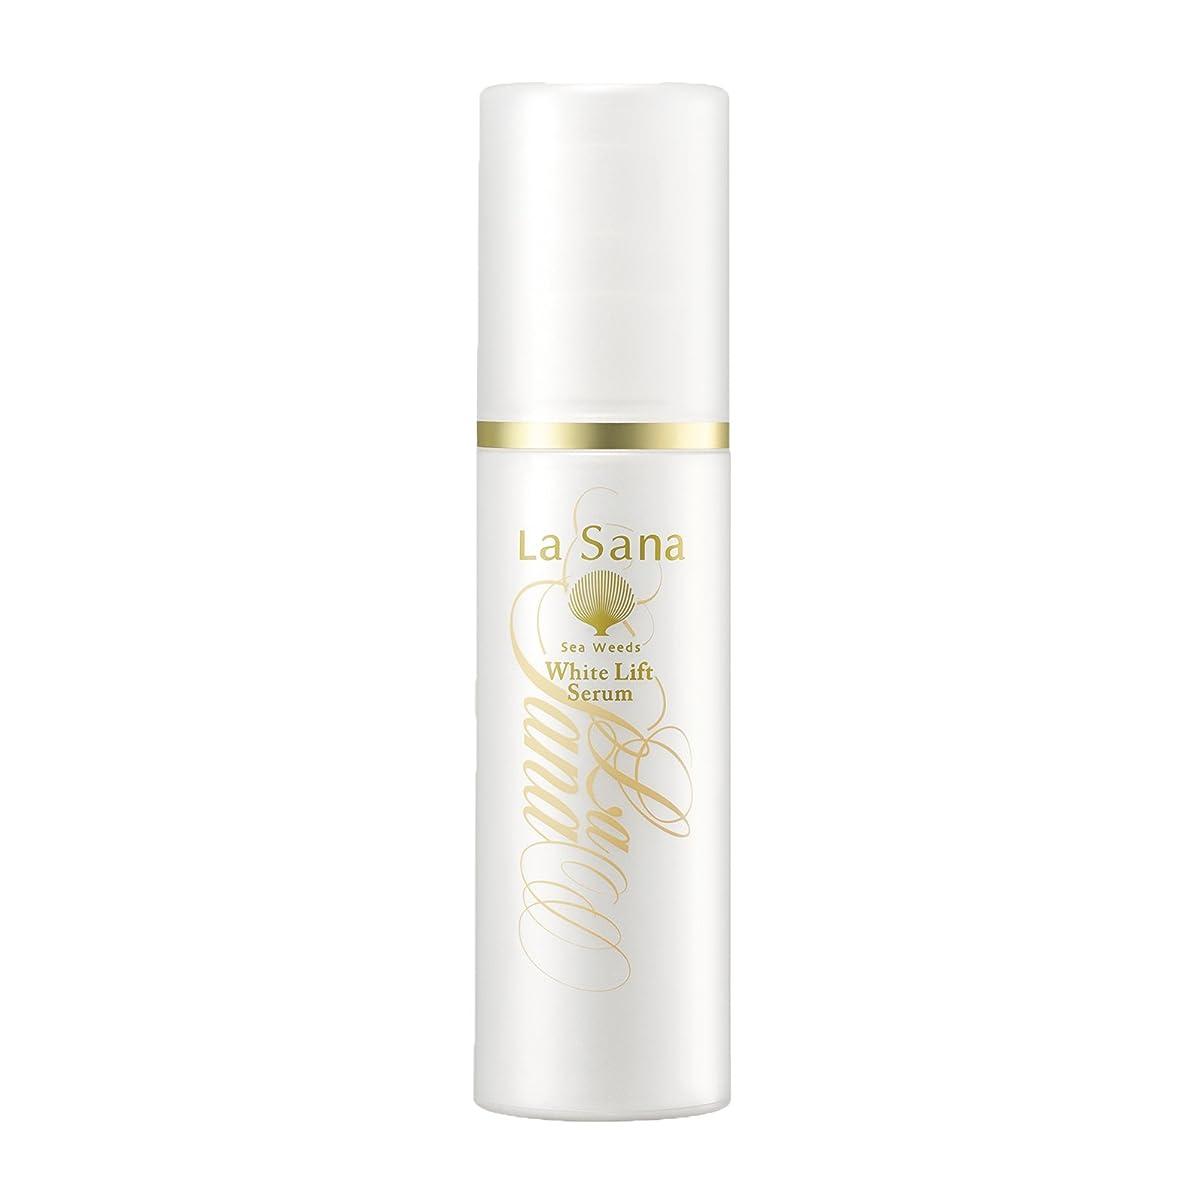 追い出す処方アレルギー性ラサーナ La sana ホワイトリフト 美容液 50ml (医薬部外品) 透明感 美白 (シミ ? そばかす 対策) ハリを与える エイジングケア